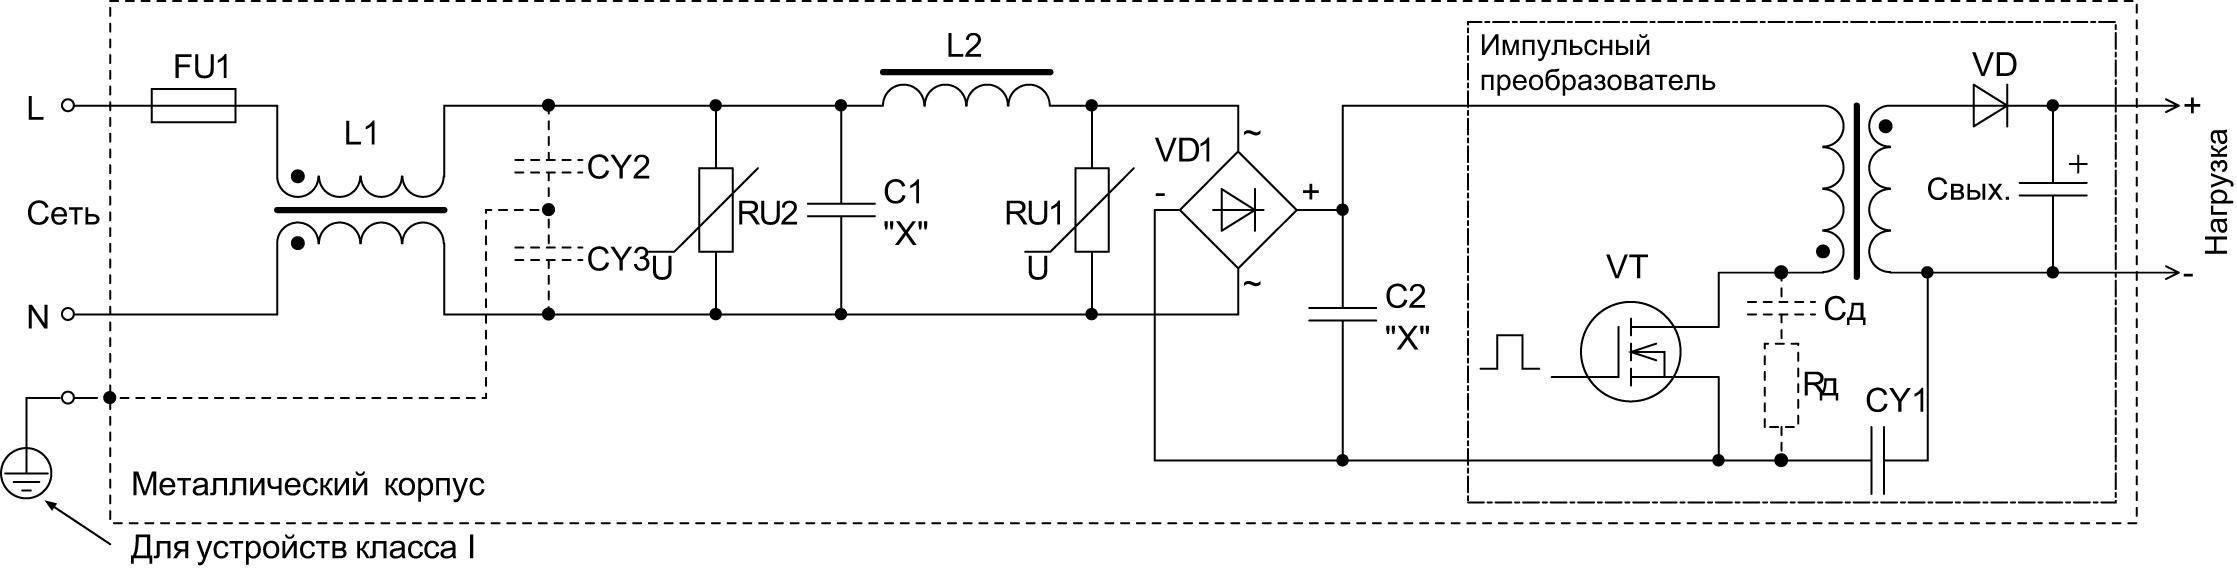 Типовая схема входных цепей и ЭМИ-фильтра ОПККМ